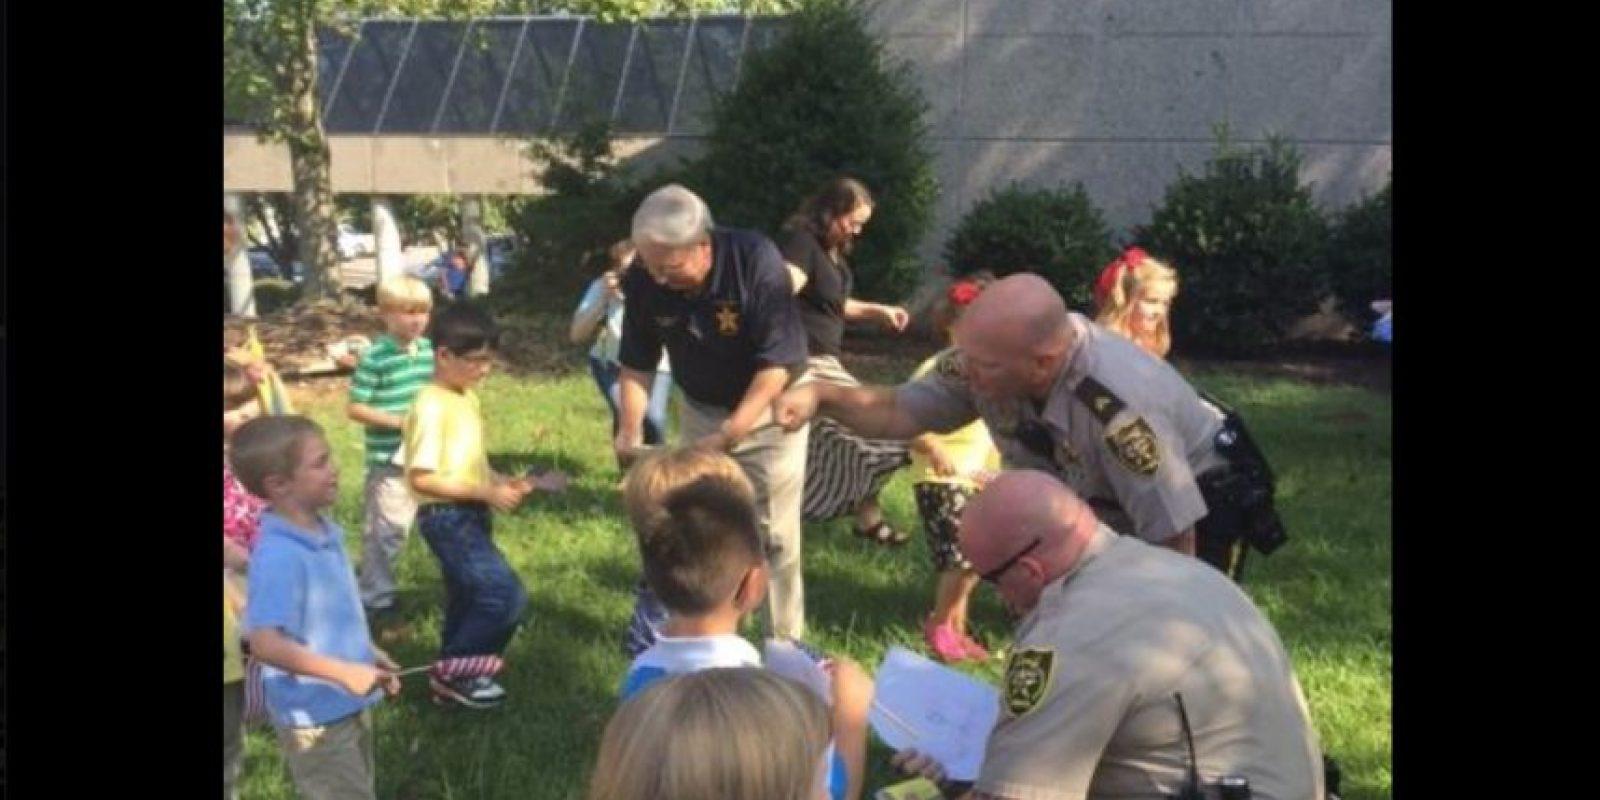 Lindley trabaja con la policía del condado Jefferson, Alabama. Foto:Vía facebook.com/JeffersonCountyAlabamaSheriffsOffice